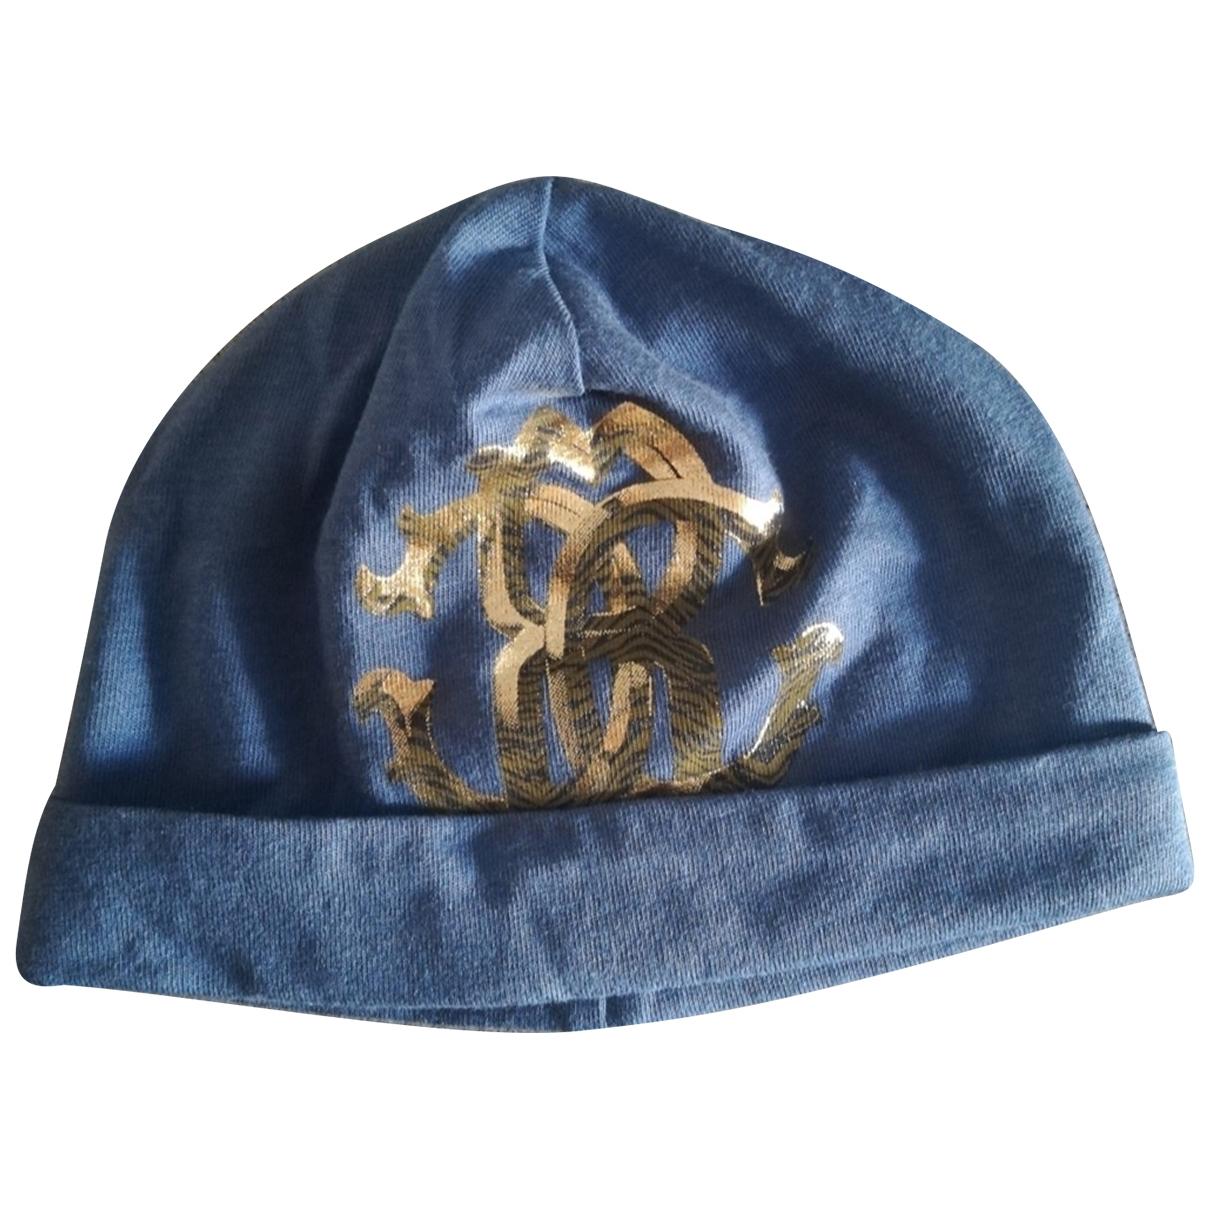 Roberto Cavalli \N Cotton hat & Gloves for Kids \N